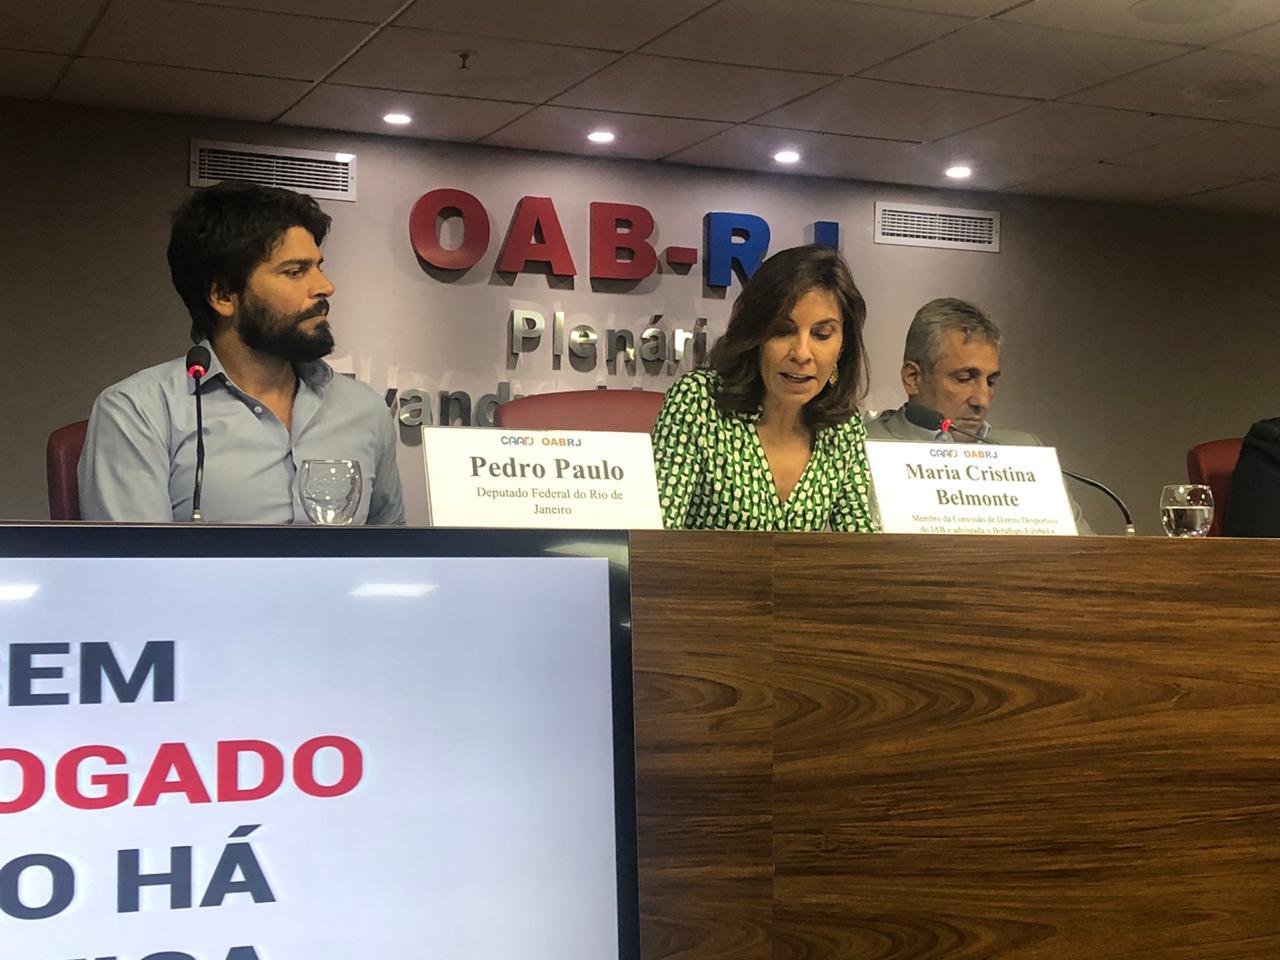 A sócia Maria Cristina Capanema Belmonte preside a mesa de debate sobre o tema Clube Empresa, com o Deputado Pedro Paulo, em evento realizado na OAB/RJ